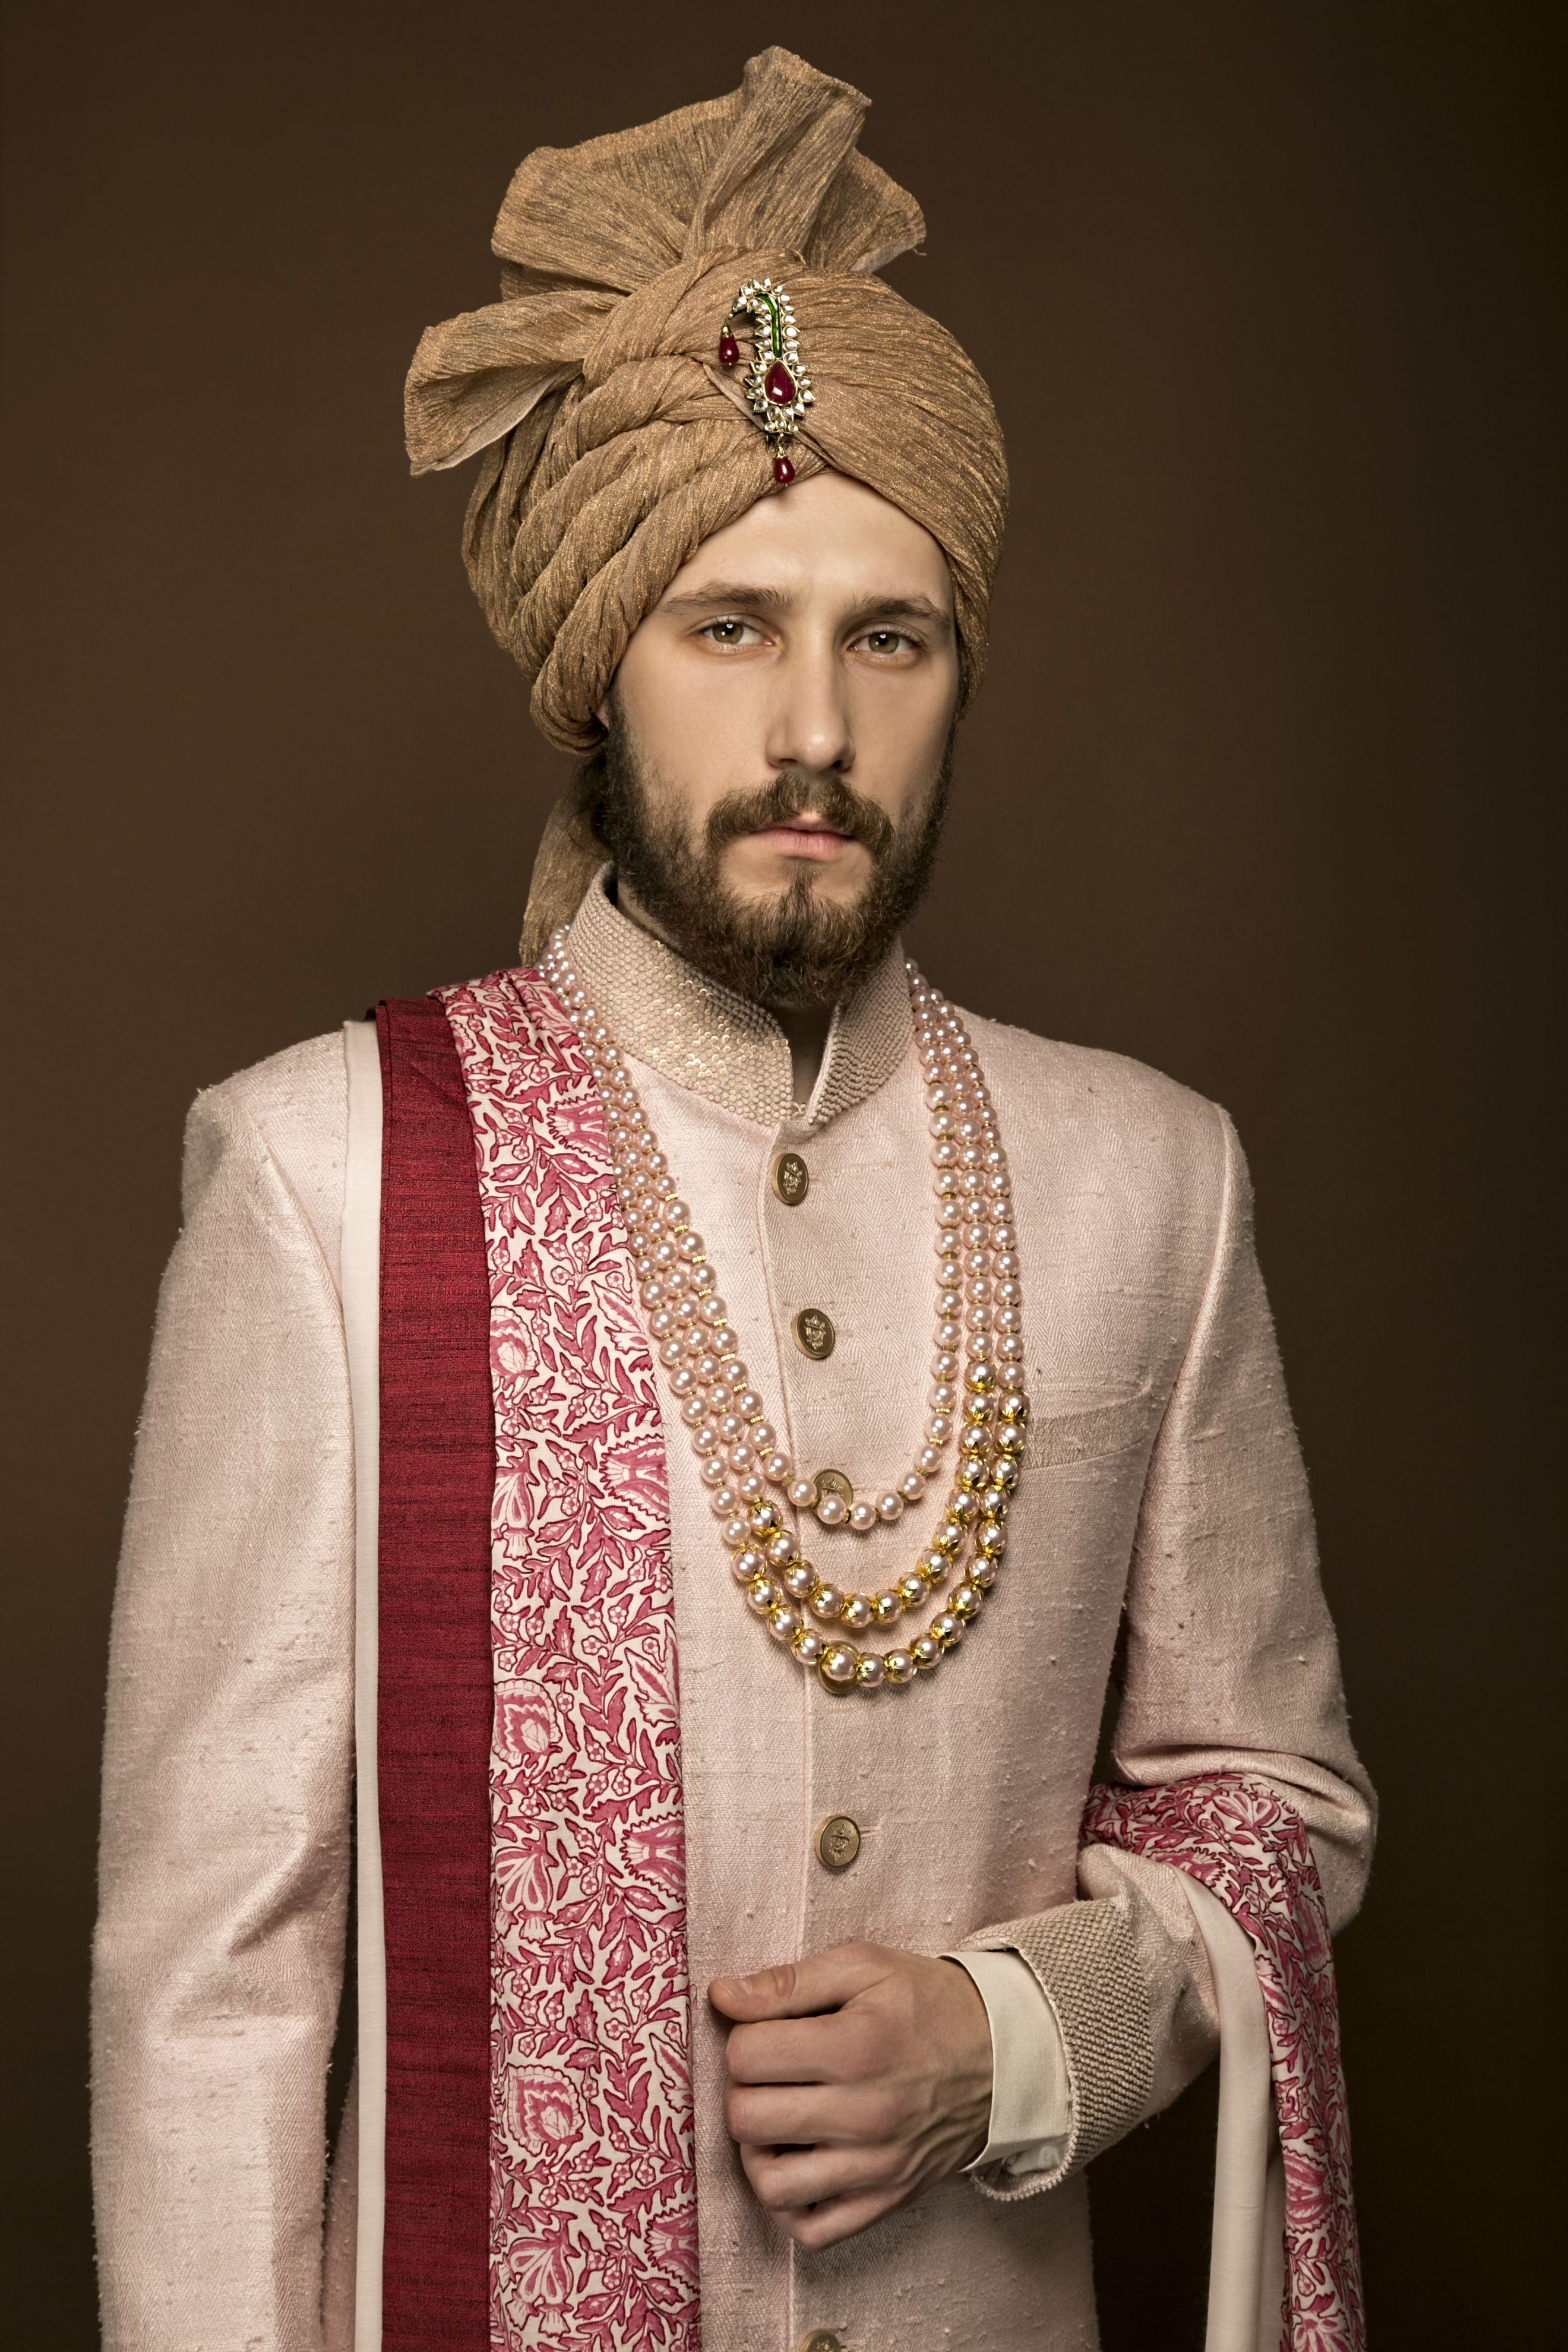 Men's Indian Wedding dresses in Noida, Delhi NCR, California https://goo.gl/rlHlwg